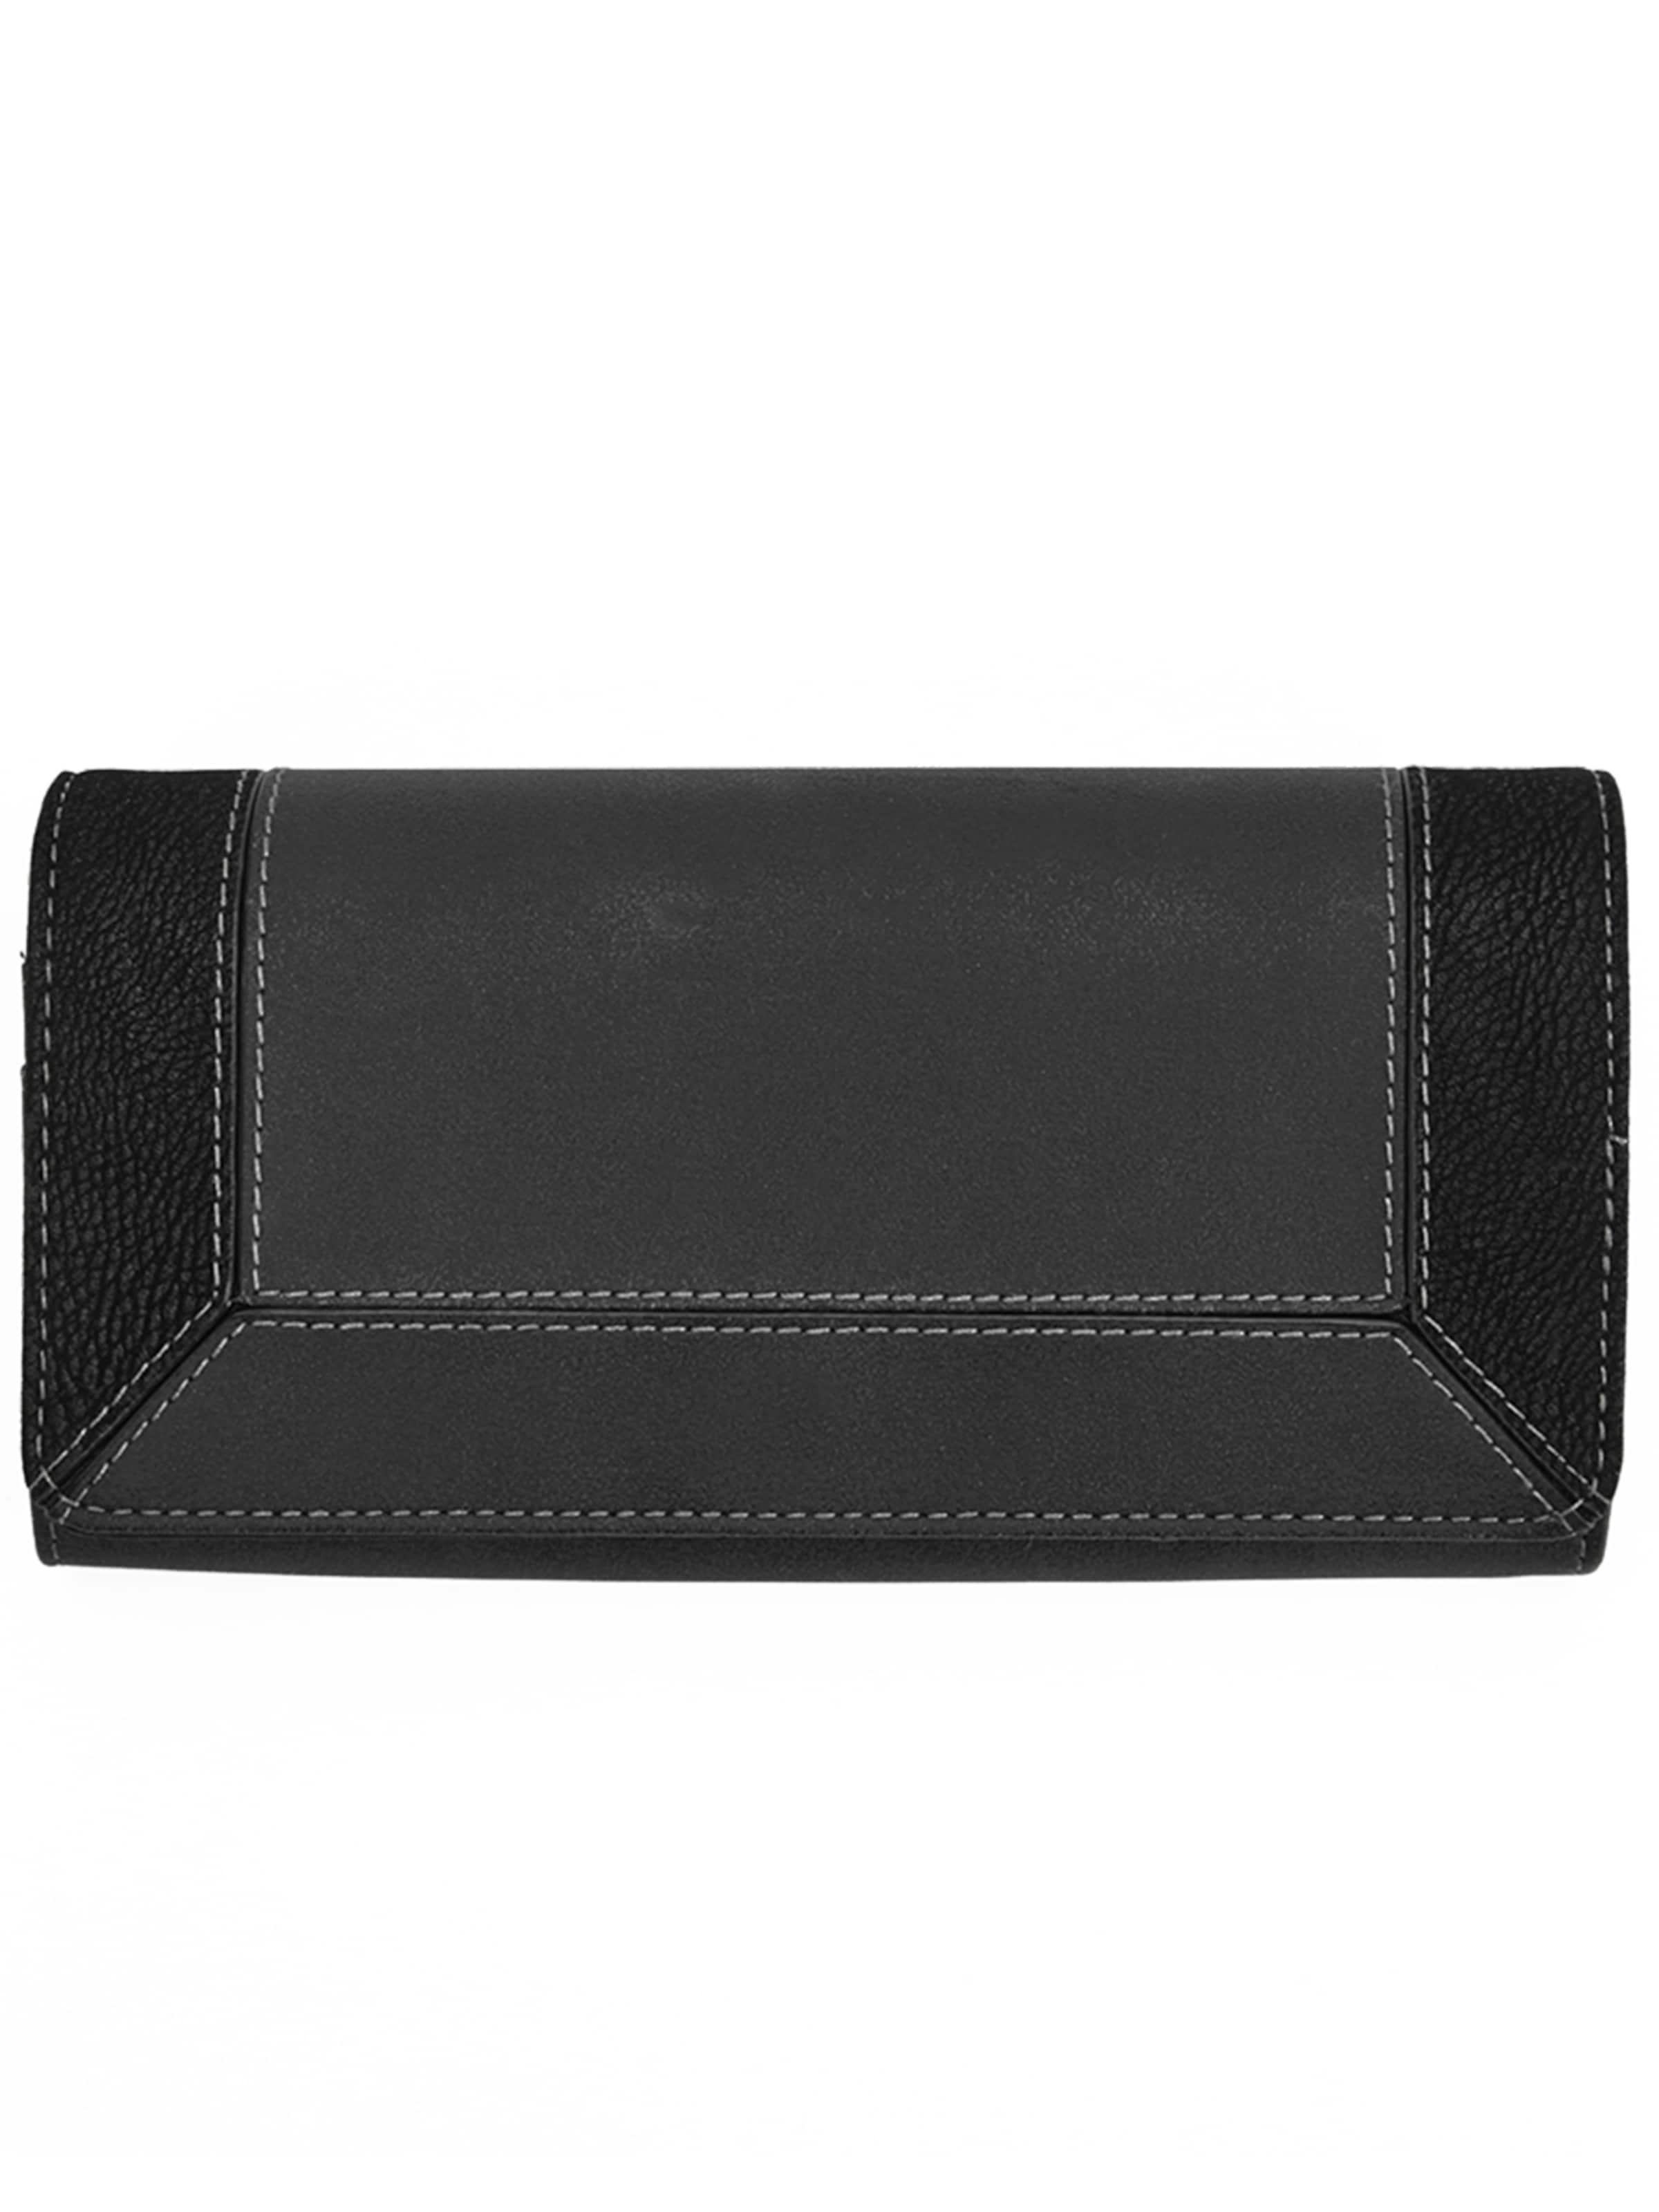 s.Oliver RED LABEL Portemonnaie mit Glanz-Finish Verkaufsshop e9nxI